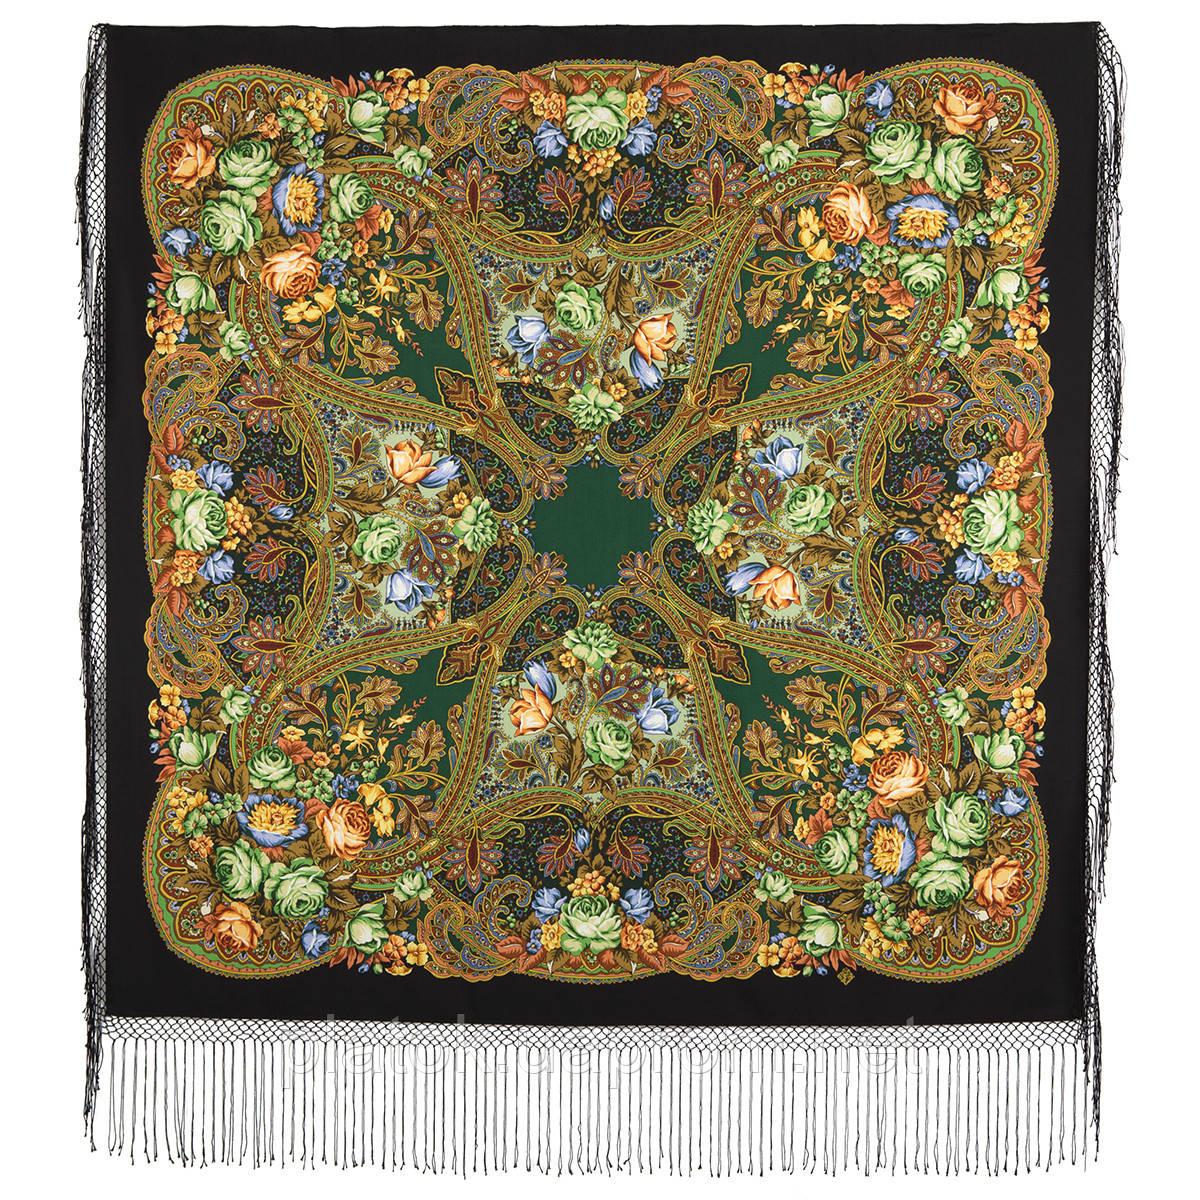 Ненаглядная 1025-18, павлопосадский платок (шаль) из уплотненной шерсти с шелковой вязанной бахромой